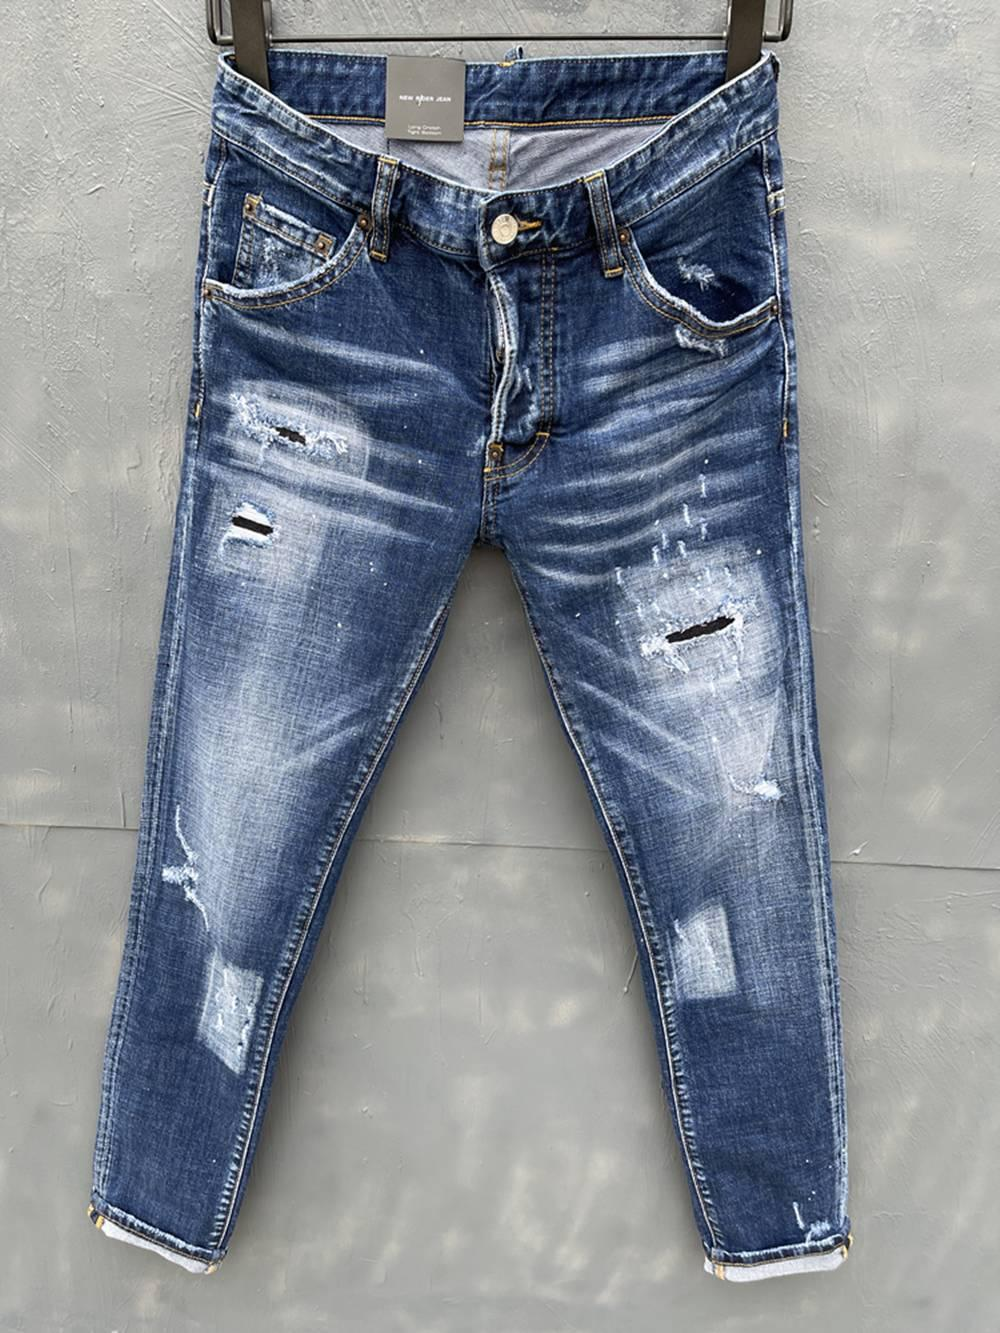 2021 Neue Marken-Europäische und amerikanische Mode Herren Casual Jeans, hochwertiges Waschen, reines Handschleifen, Qualitätsoptimierung LT033